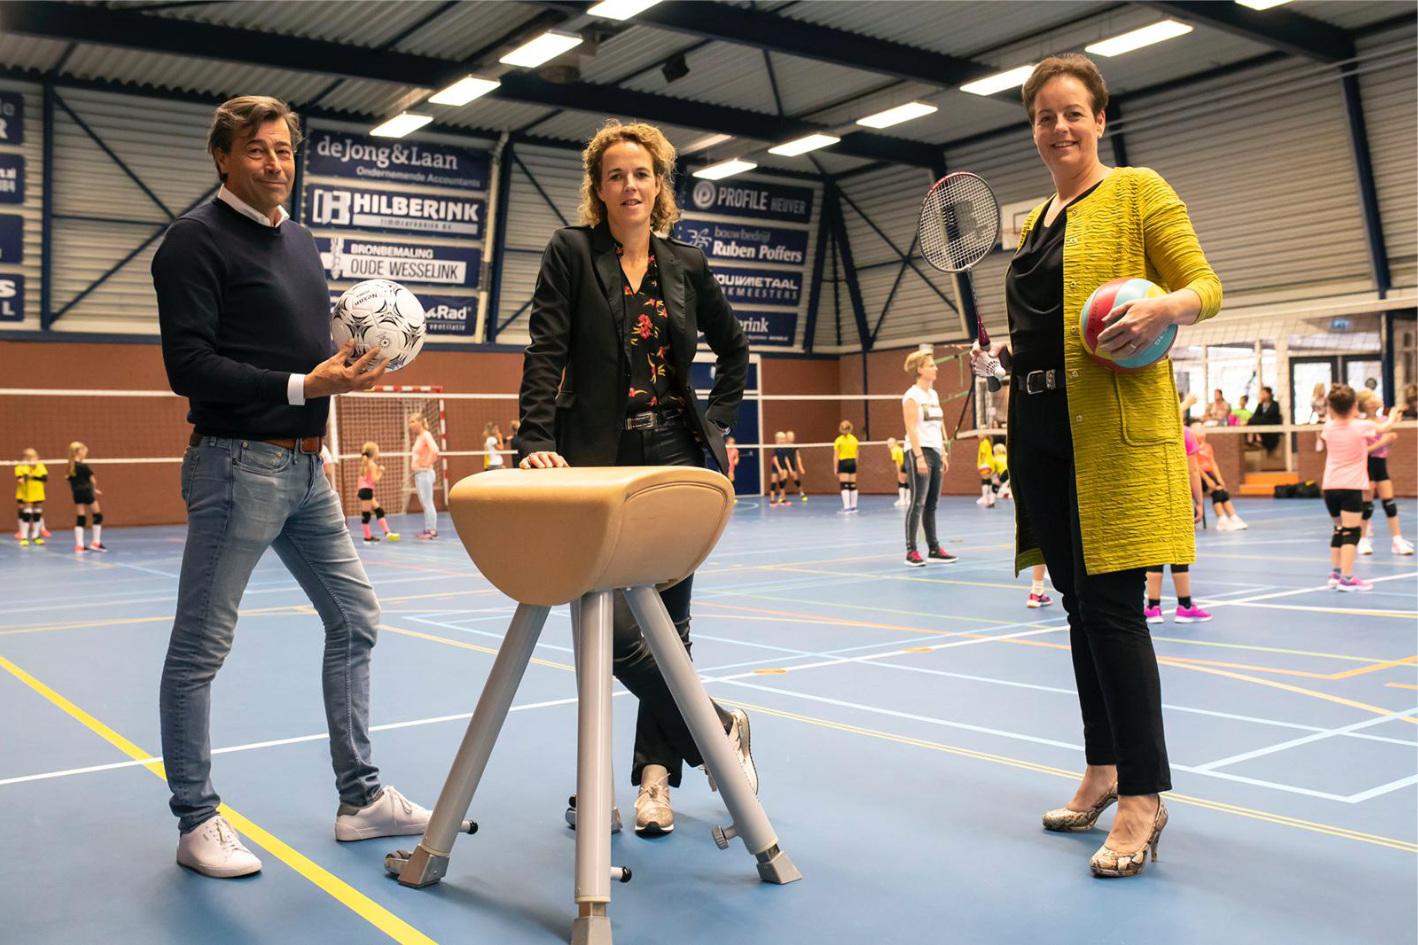 V.l.n.r: Eddy Droste, Mirjam Vollenbroek (werkgroep Geesteren Vitaal) en Ria Paus (samen met Eddy Droste van de werkgroep Sportvastgoed Geesteren)